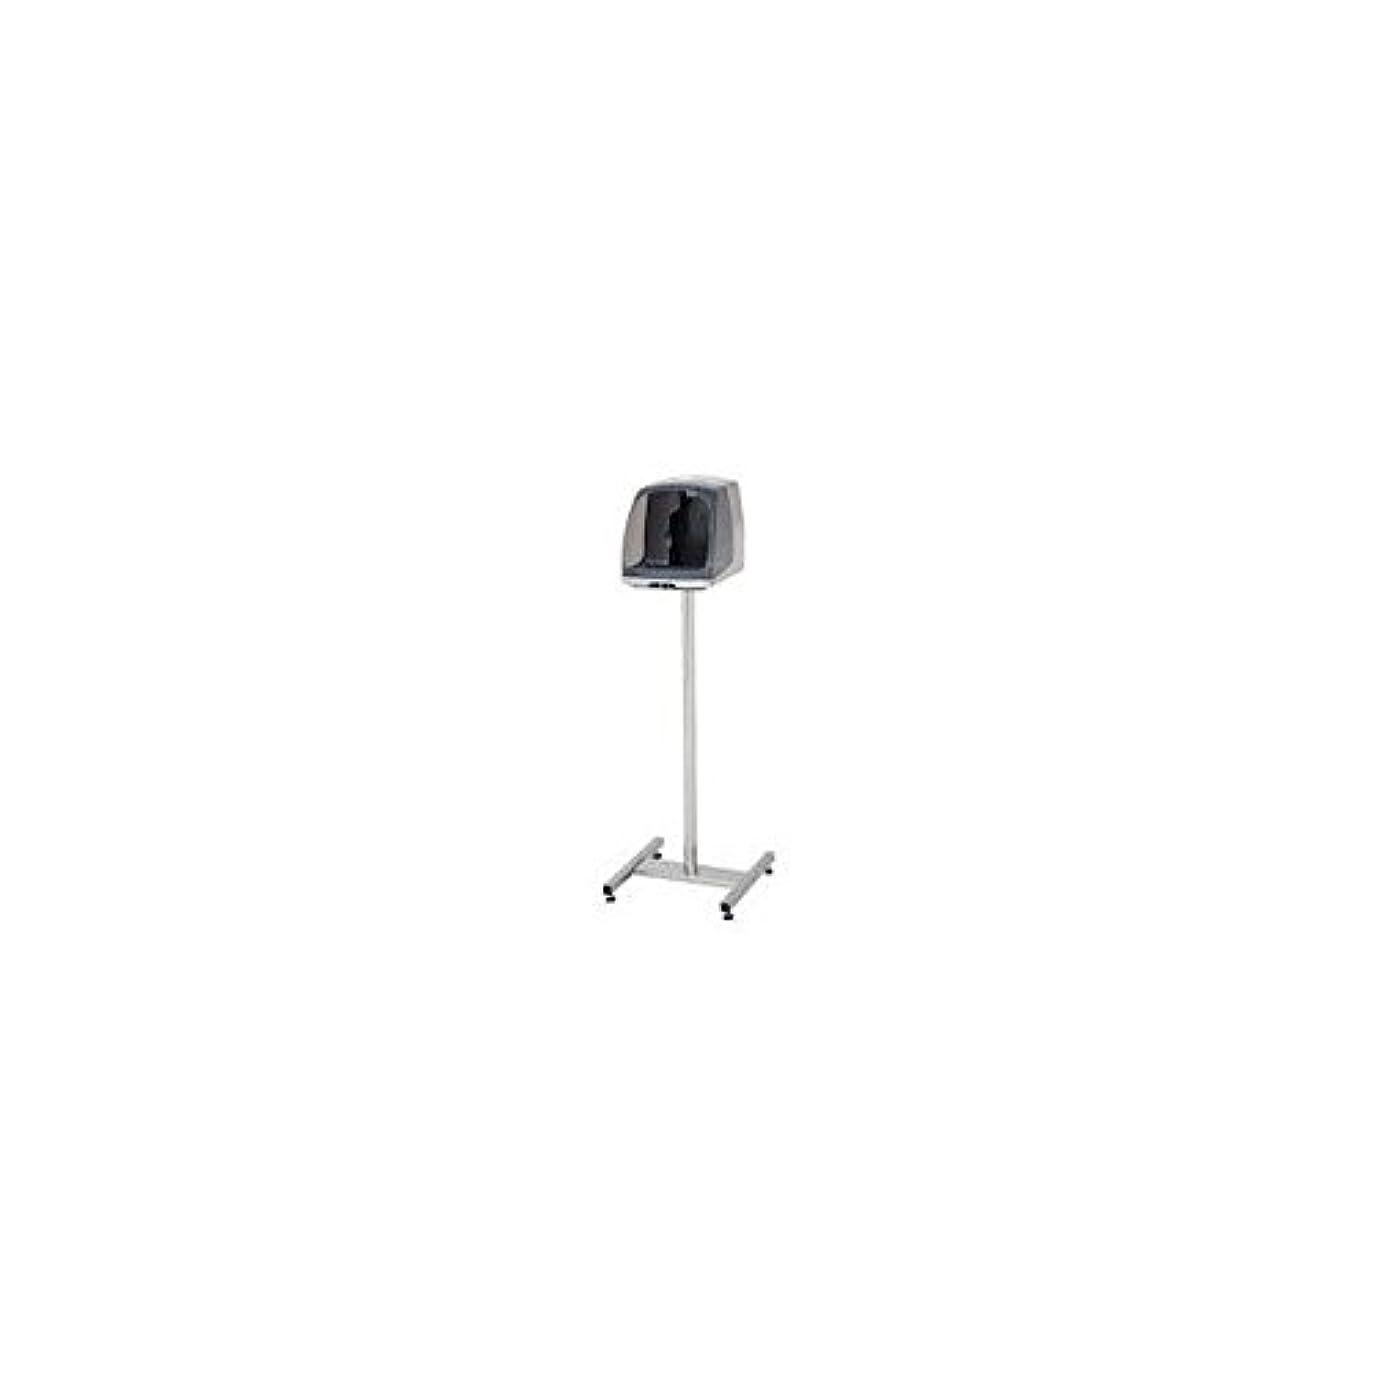 空虚地震シンプトン自動手指消毒器 HDI-9000用 架台スタンド キャスターなし 【品番】XSY8501